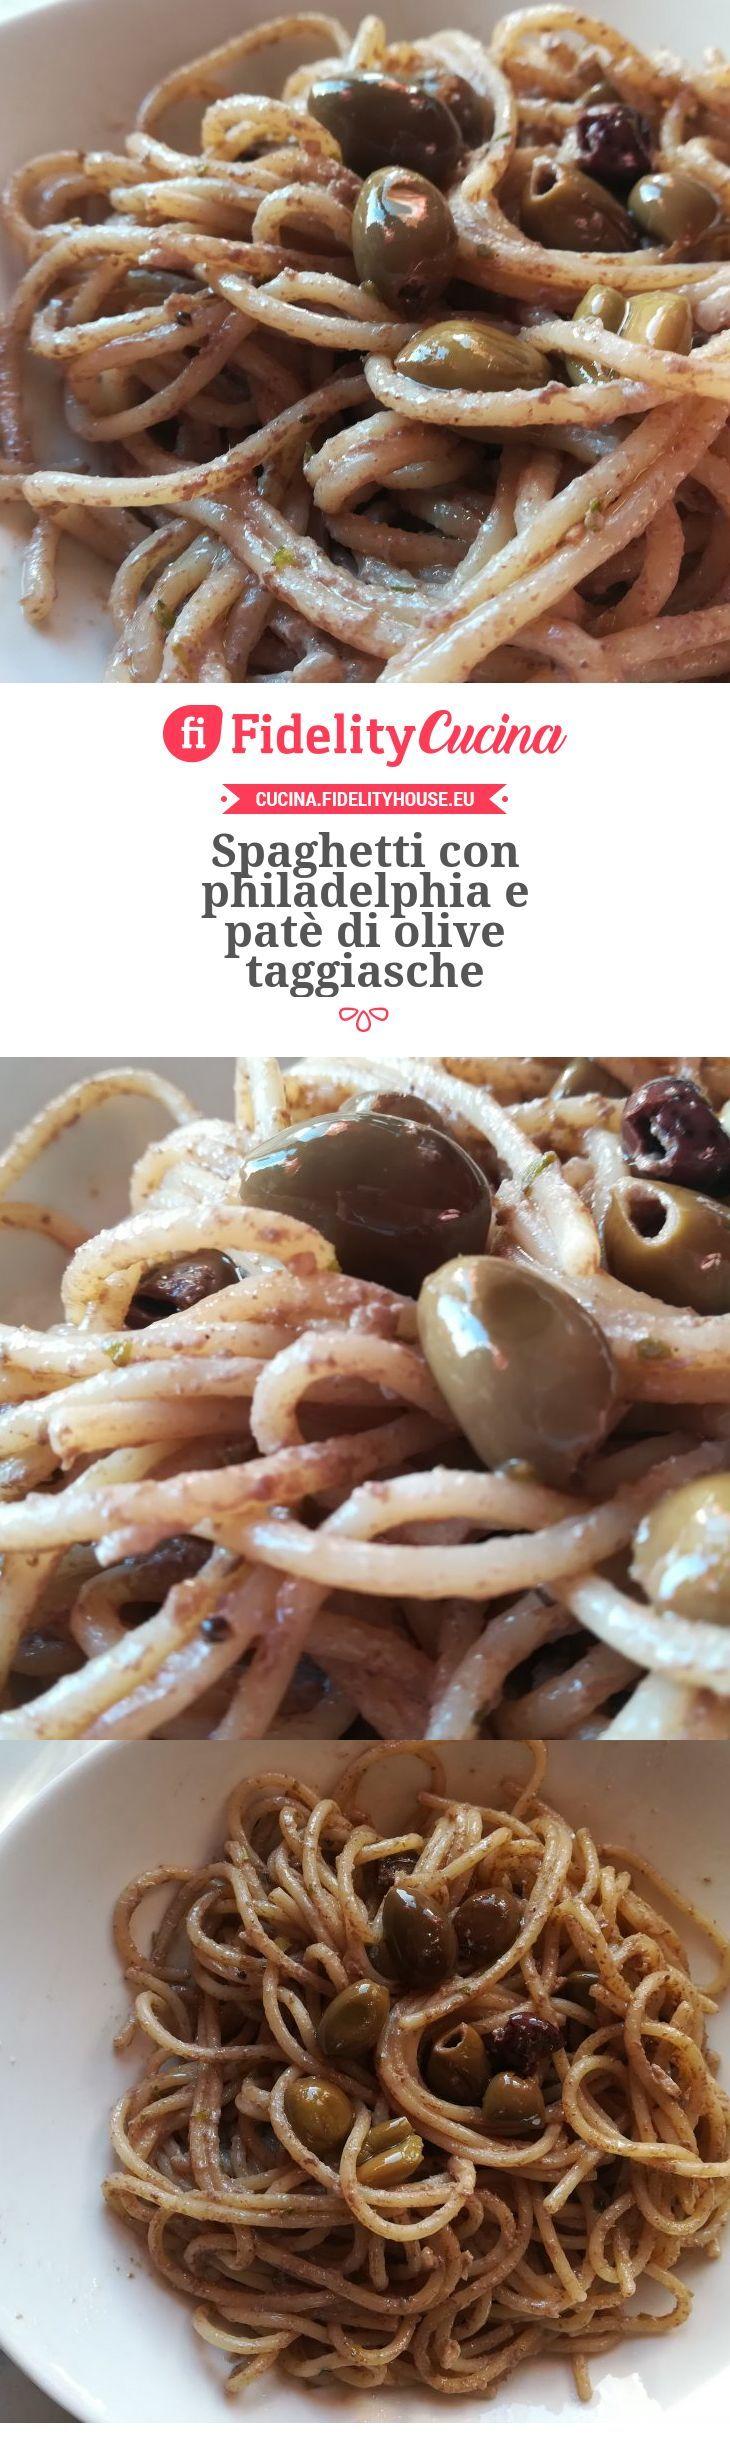 Spaghetti con philadelphia e patè di olive taggiasche Spaghetti con philadelphia e patè di olive taggiasche Idee di Tendenza Graziose Piatti Di Pasta Piatti...